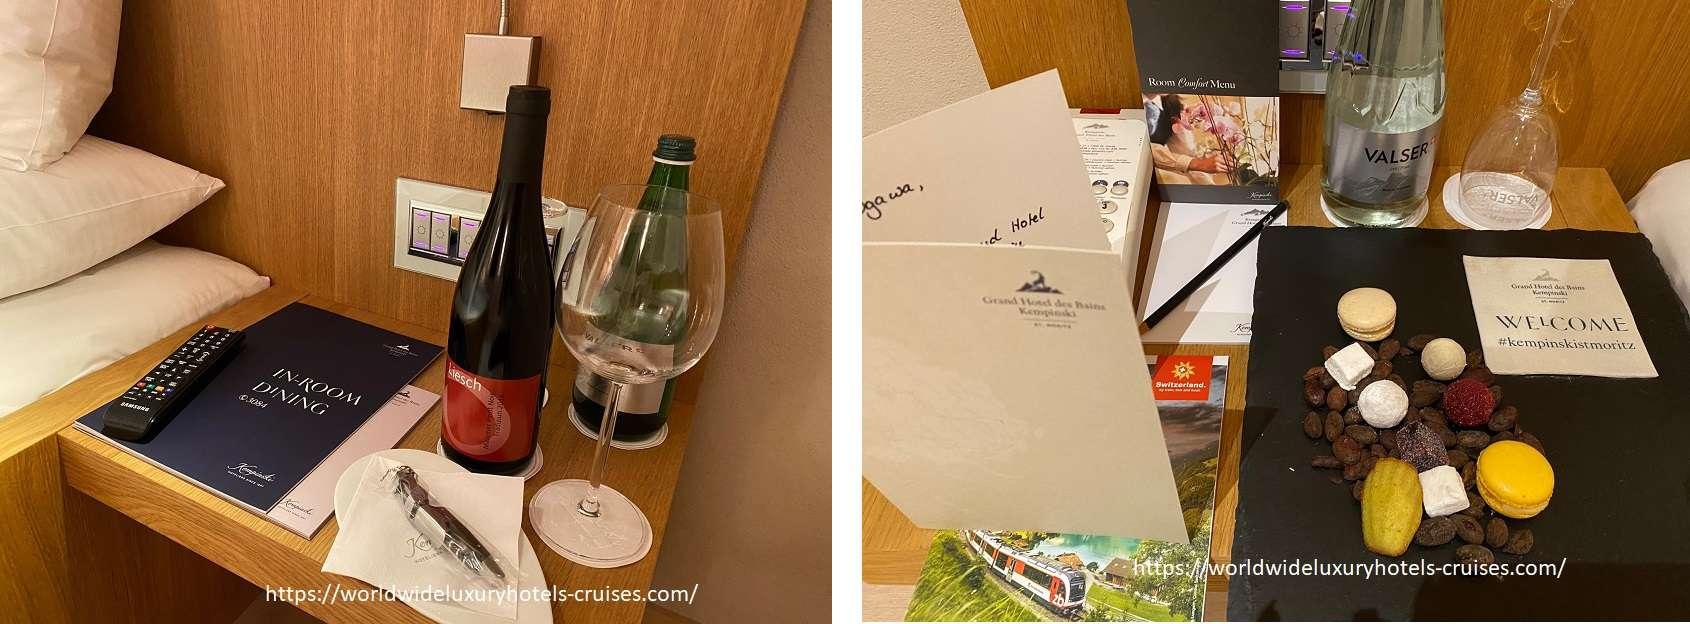 グランド ホテル デ バン ケンピンスキー サンモリッツ サンモリッツ 2ベッドルームレジデンス ヨーロッパスキー スイス チューリッヒ ラグジュアリーホテル スイスアルプス Virtuoso  ラグジュアリートラベルアドバイザー izumiogawa